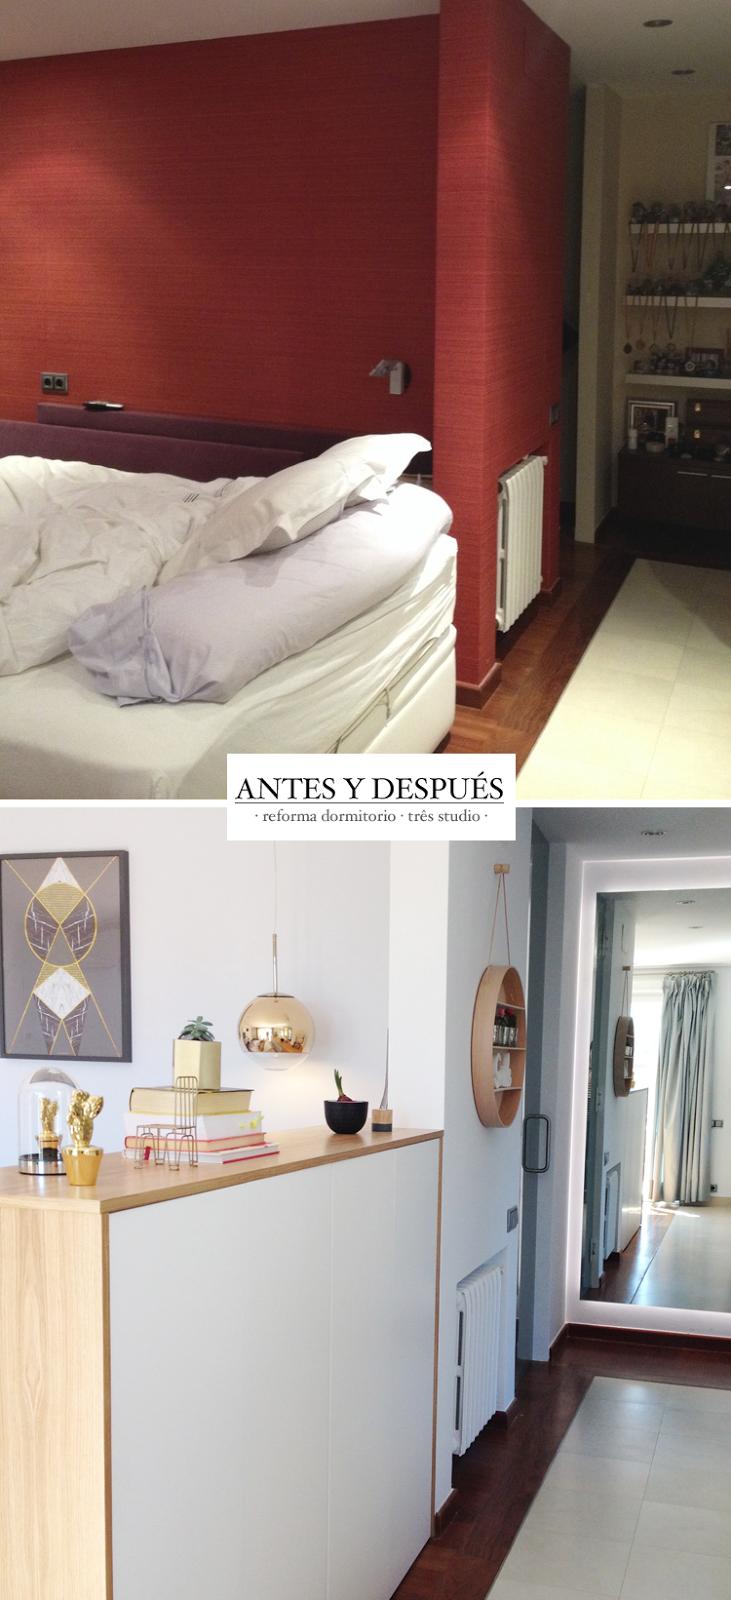 Trabajos tr s la reforma de un dormitorio de estilo for Estudiar interiorismo online